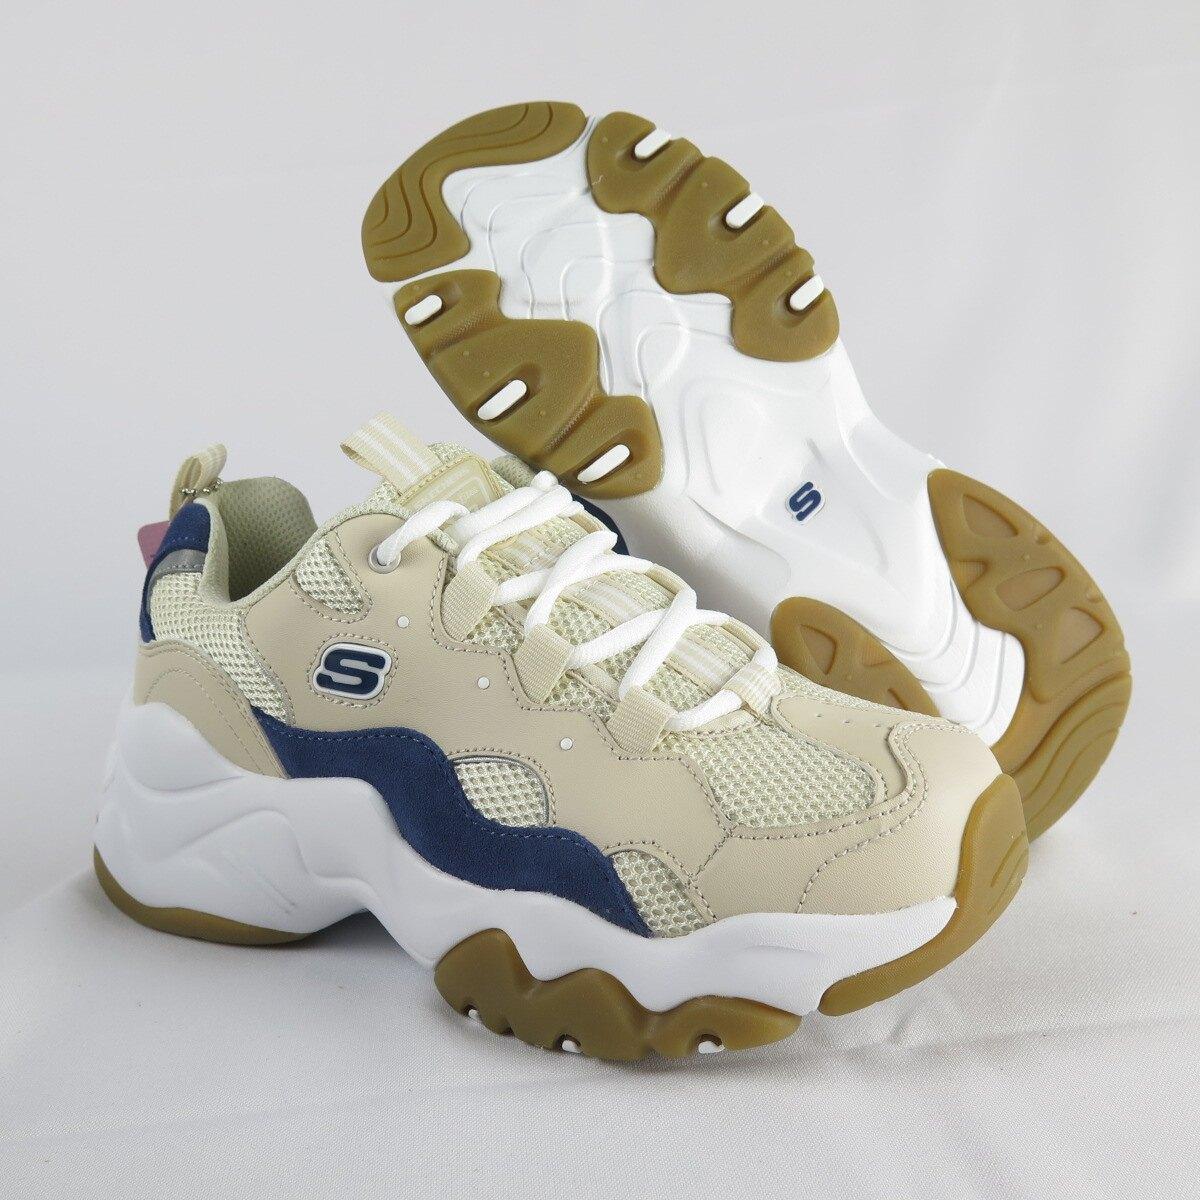 【滿額領券折$150】Skechers D'LITES 3.0 奶茶色老爹鞋 女款 88888210TAN【isport 愛運動】